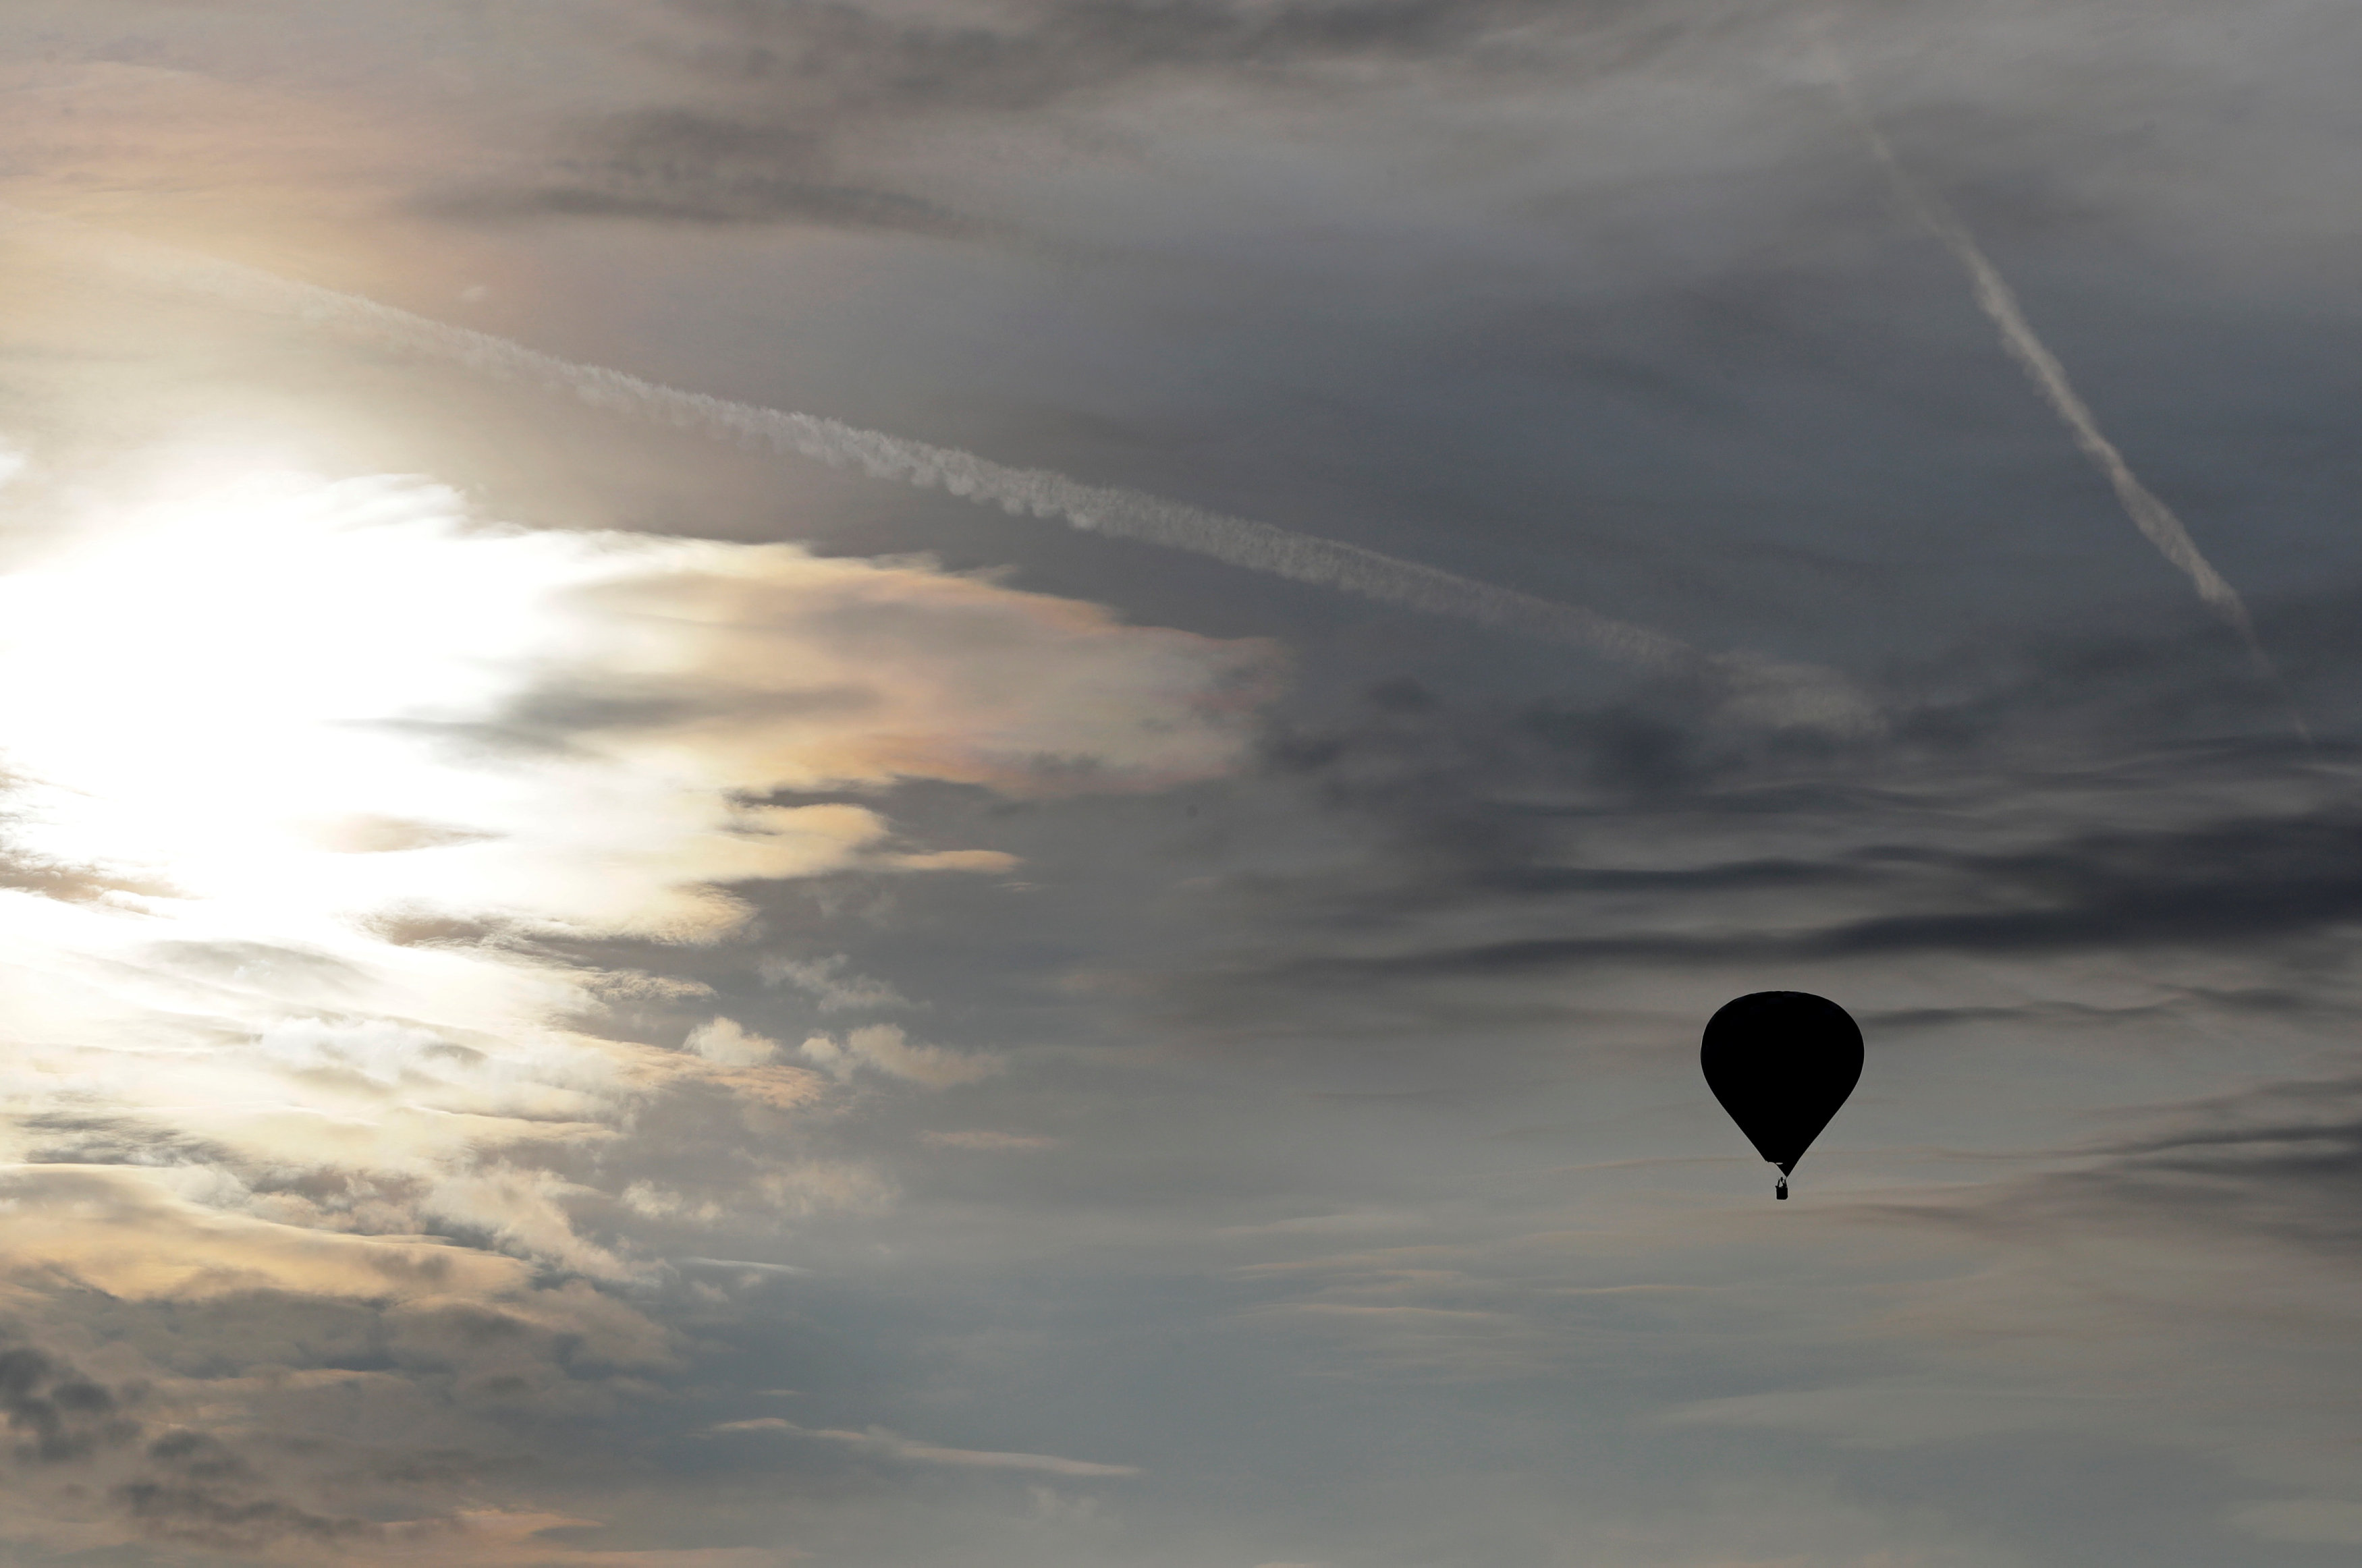 بالون يطير فى السماء